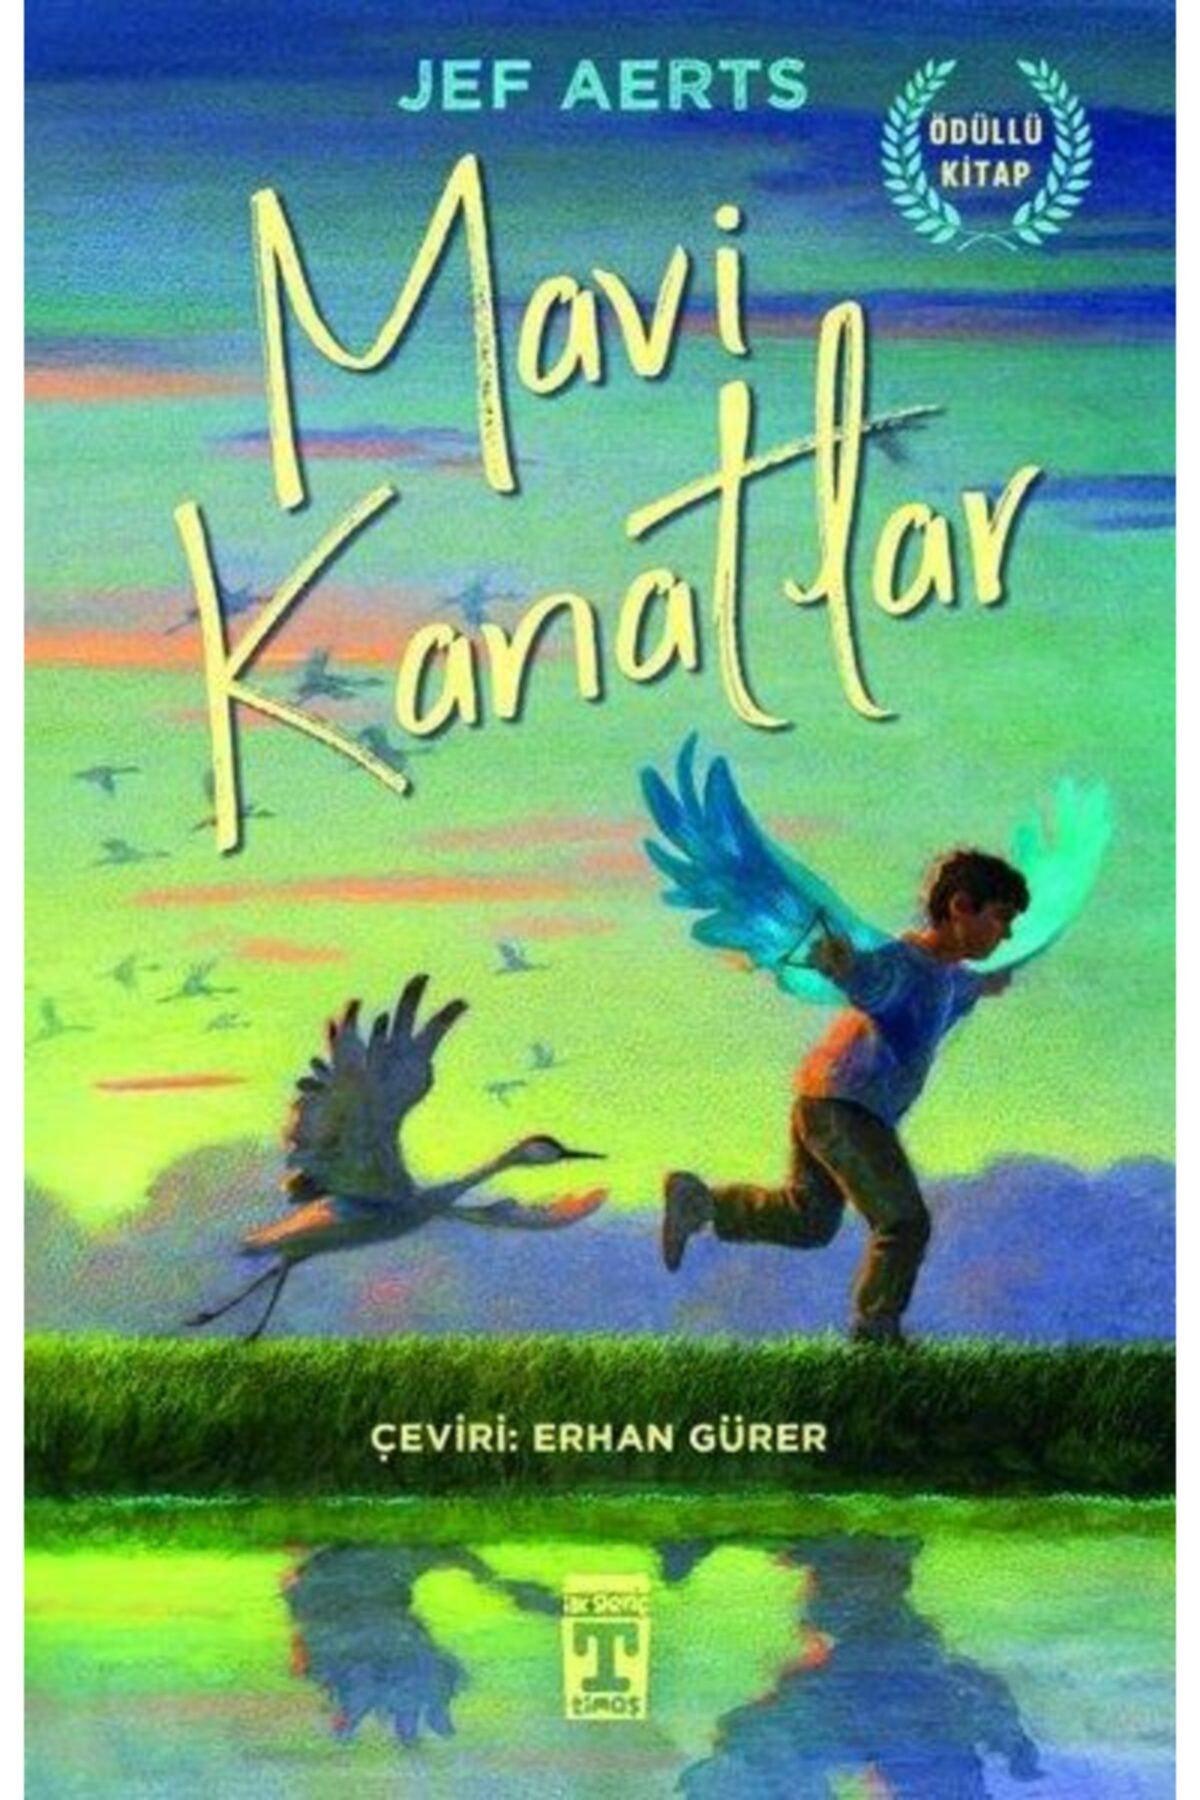 Mavi Kanatlar - Jef Aerts - Ilk Genç Timaş Yayınları